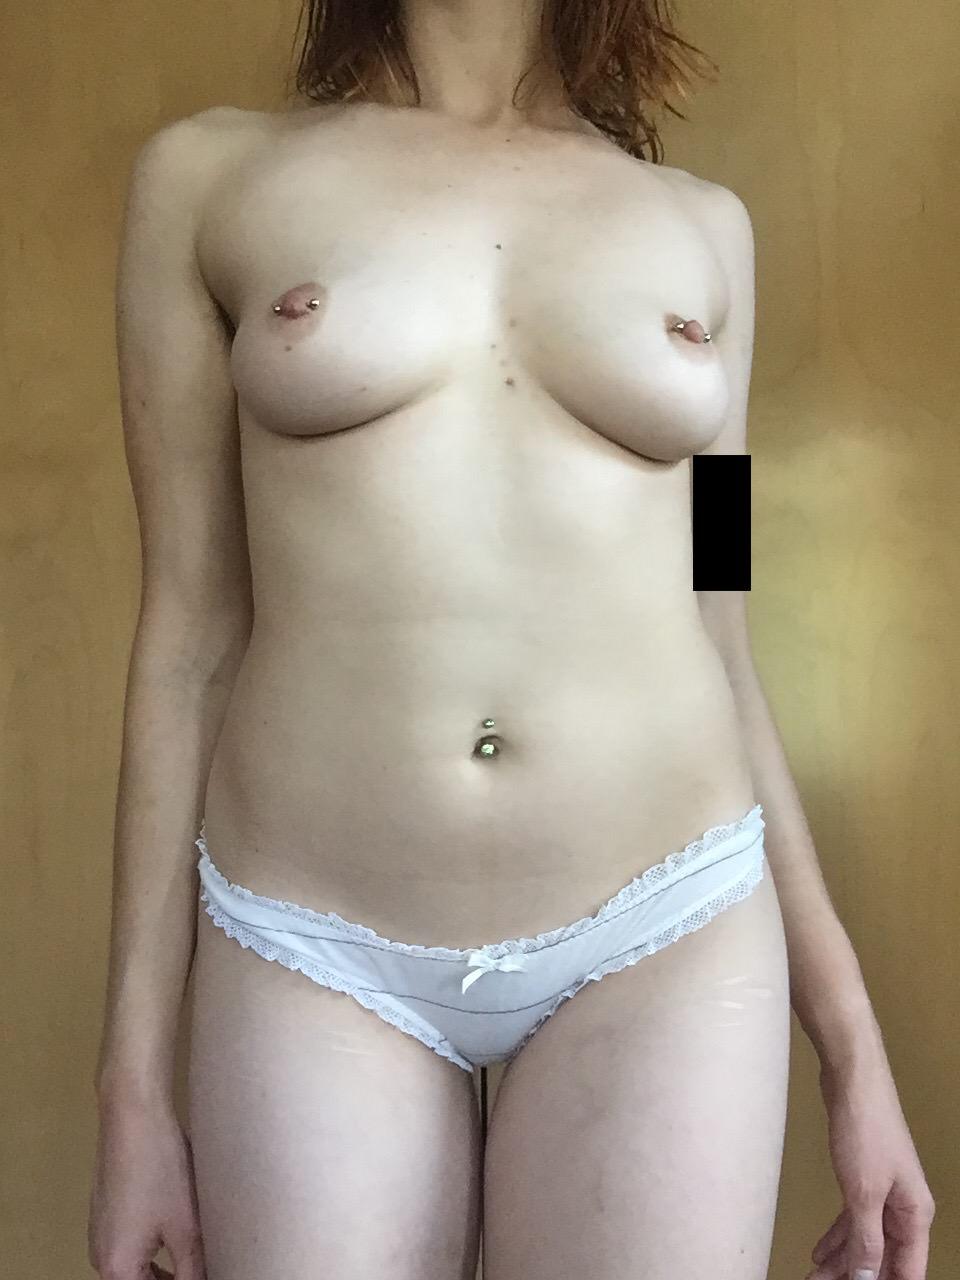 Panties Topless photo 27